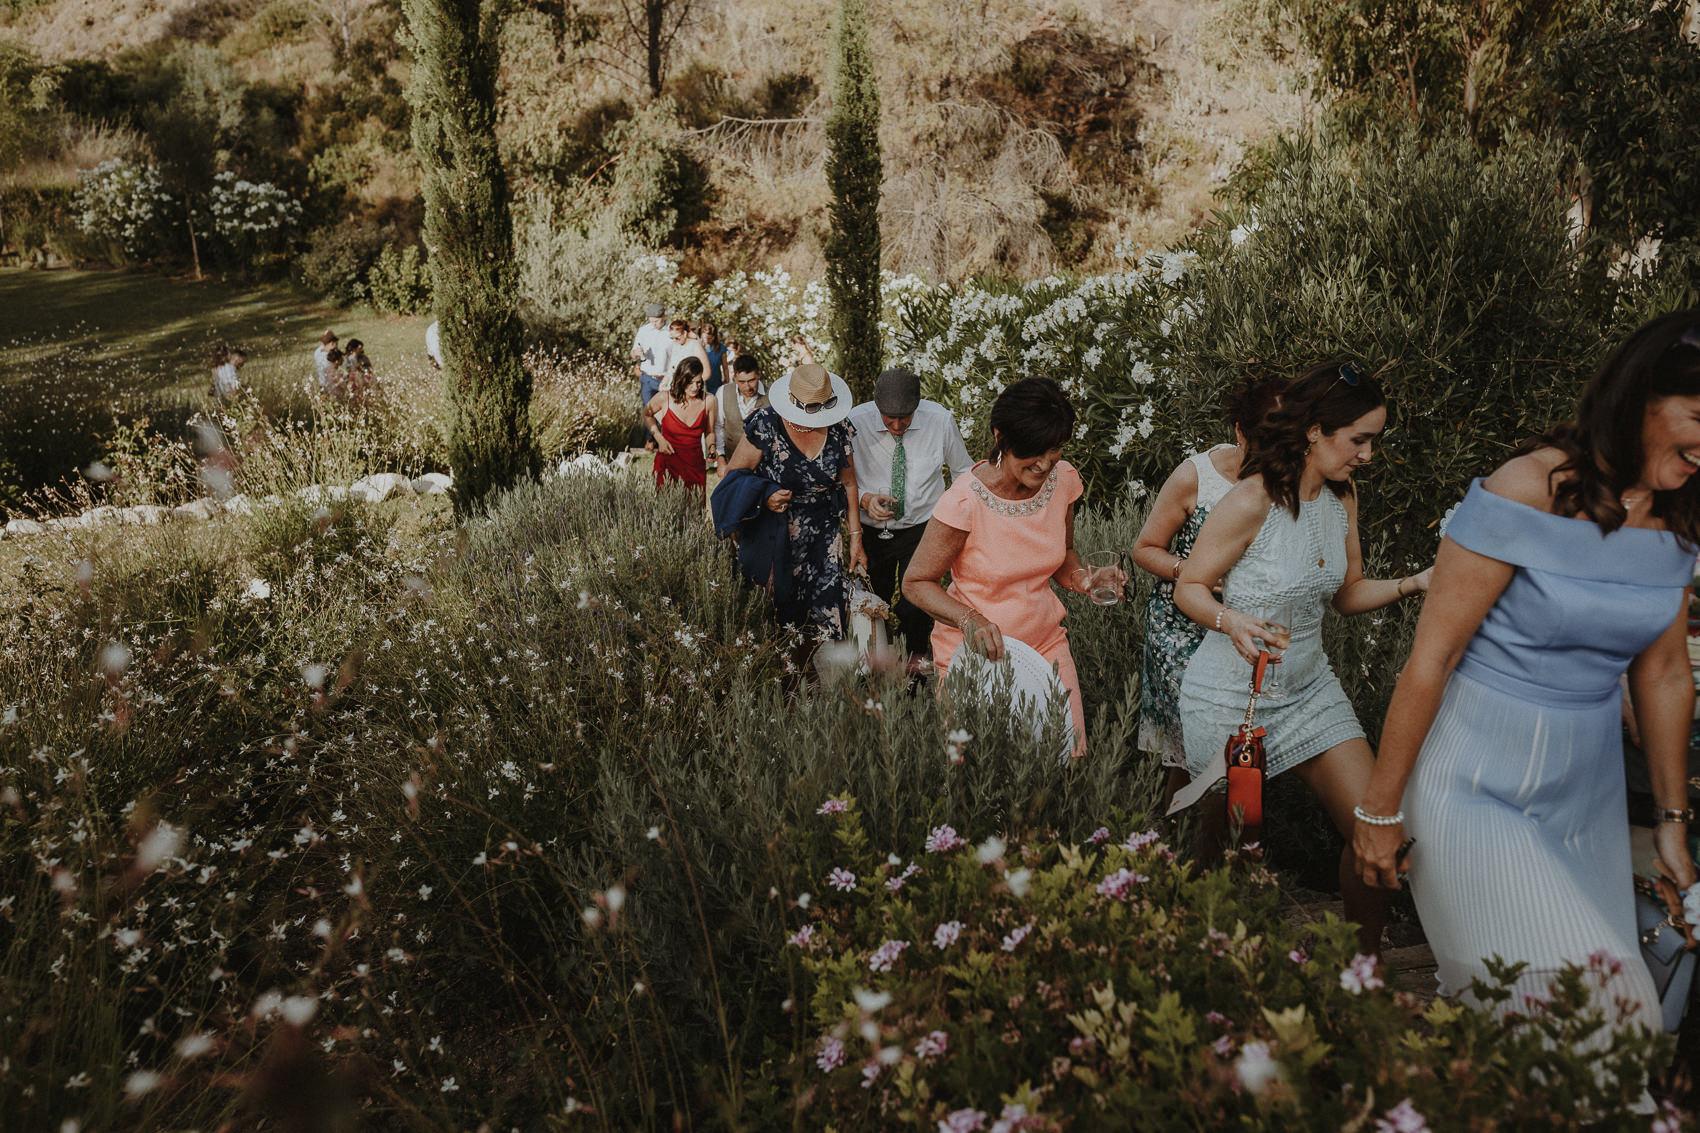 Sarah & Bill | Summer wedding at Cortijo Rosa Blanca | Marbella - Spain 117